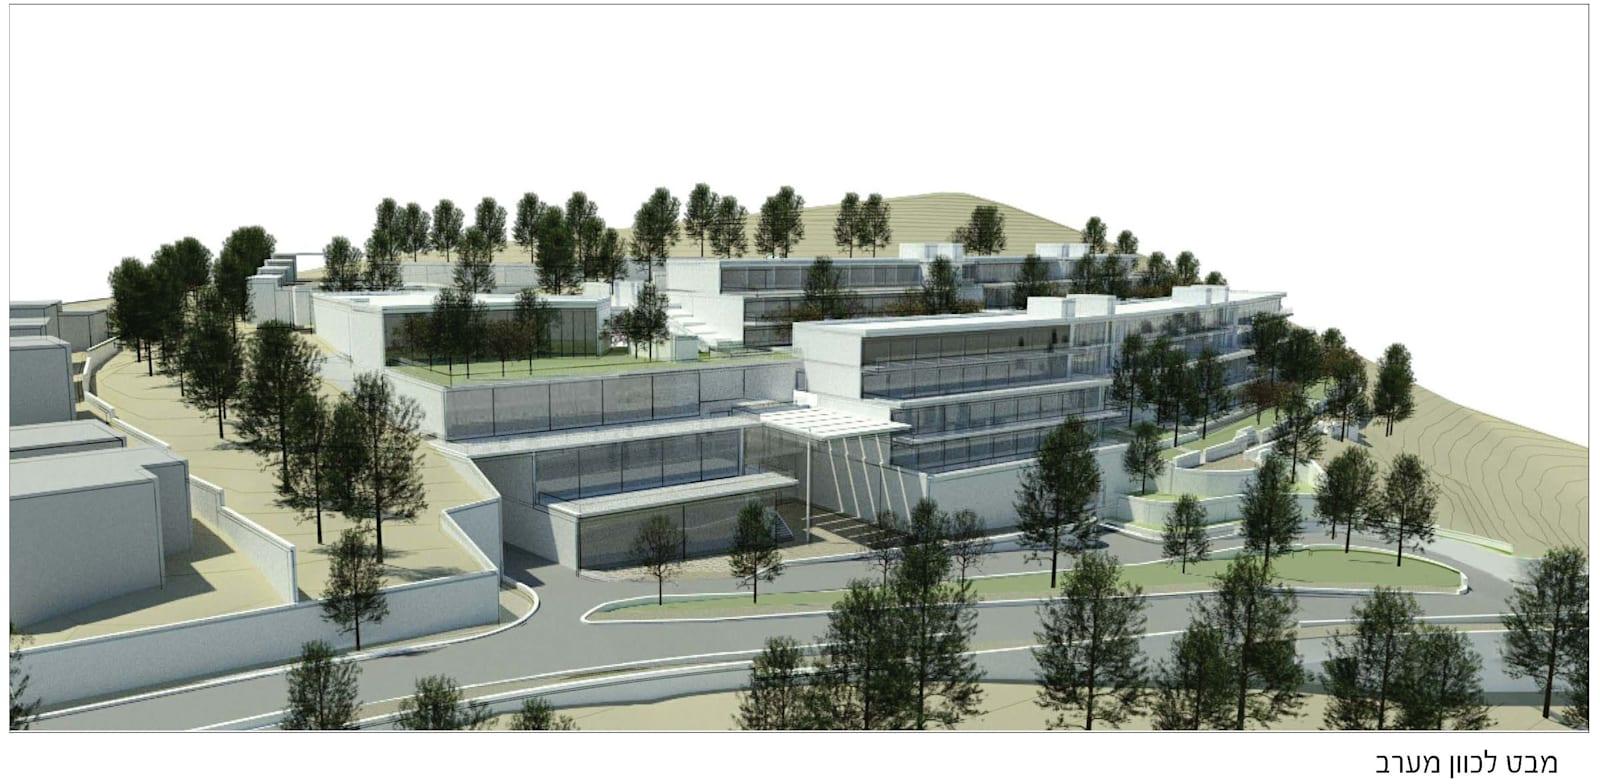 הדמיה של המתחם שייבנה בצפון מערב חצור הגלילית / הדמיה: גרואג-הראל אדריכלים